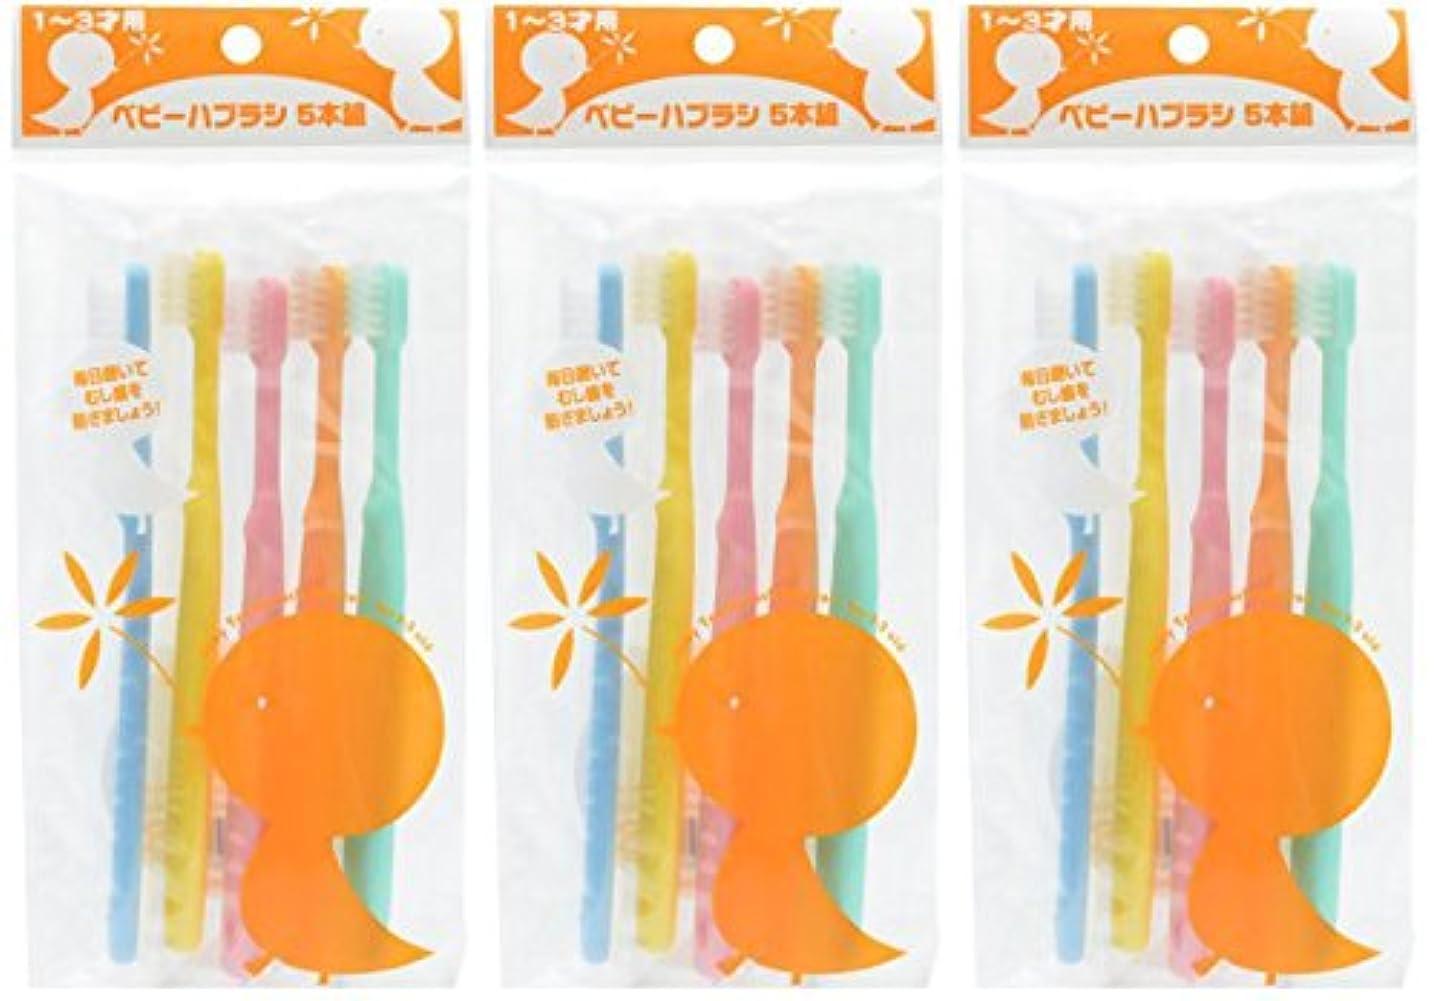 月一貫性のないコピーファイン ベビー歯ブラシ5本組3個セット